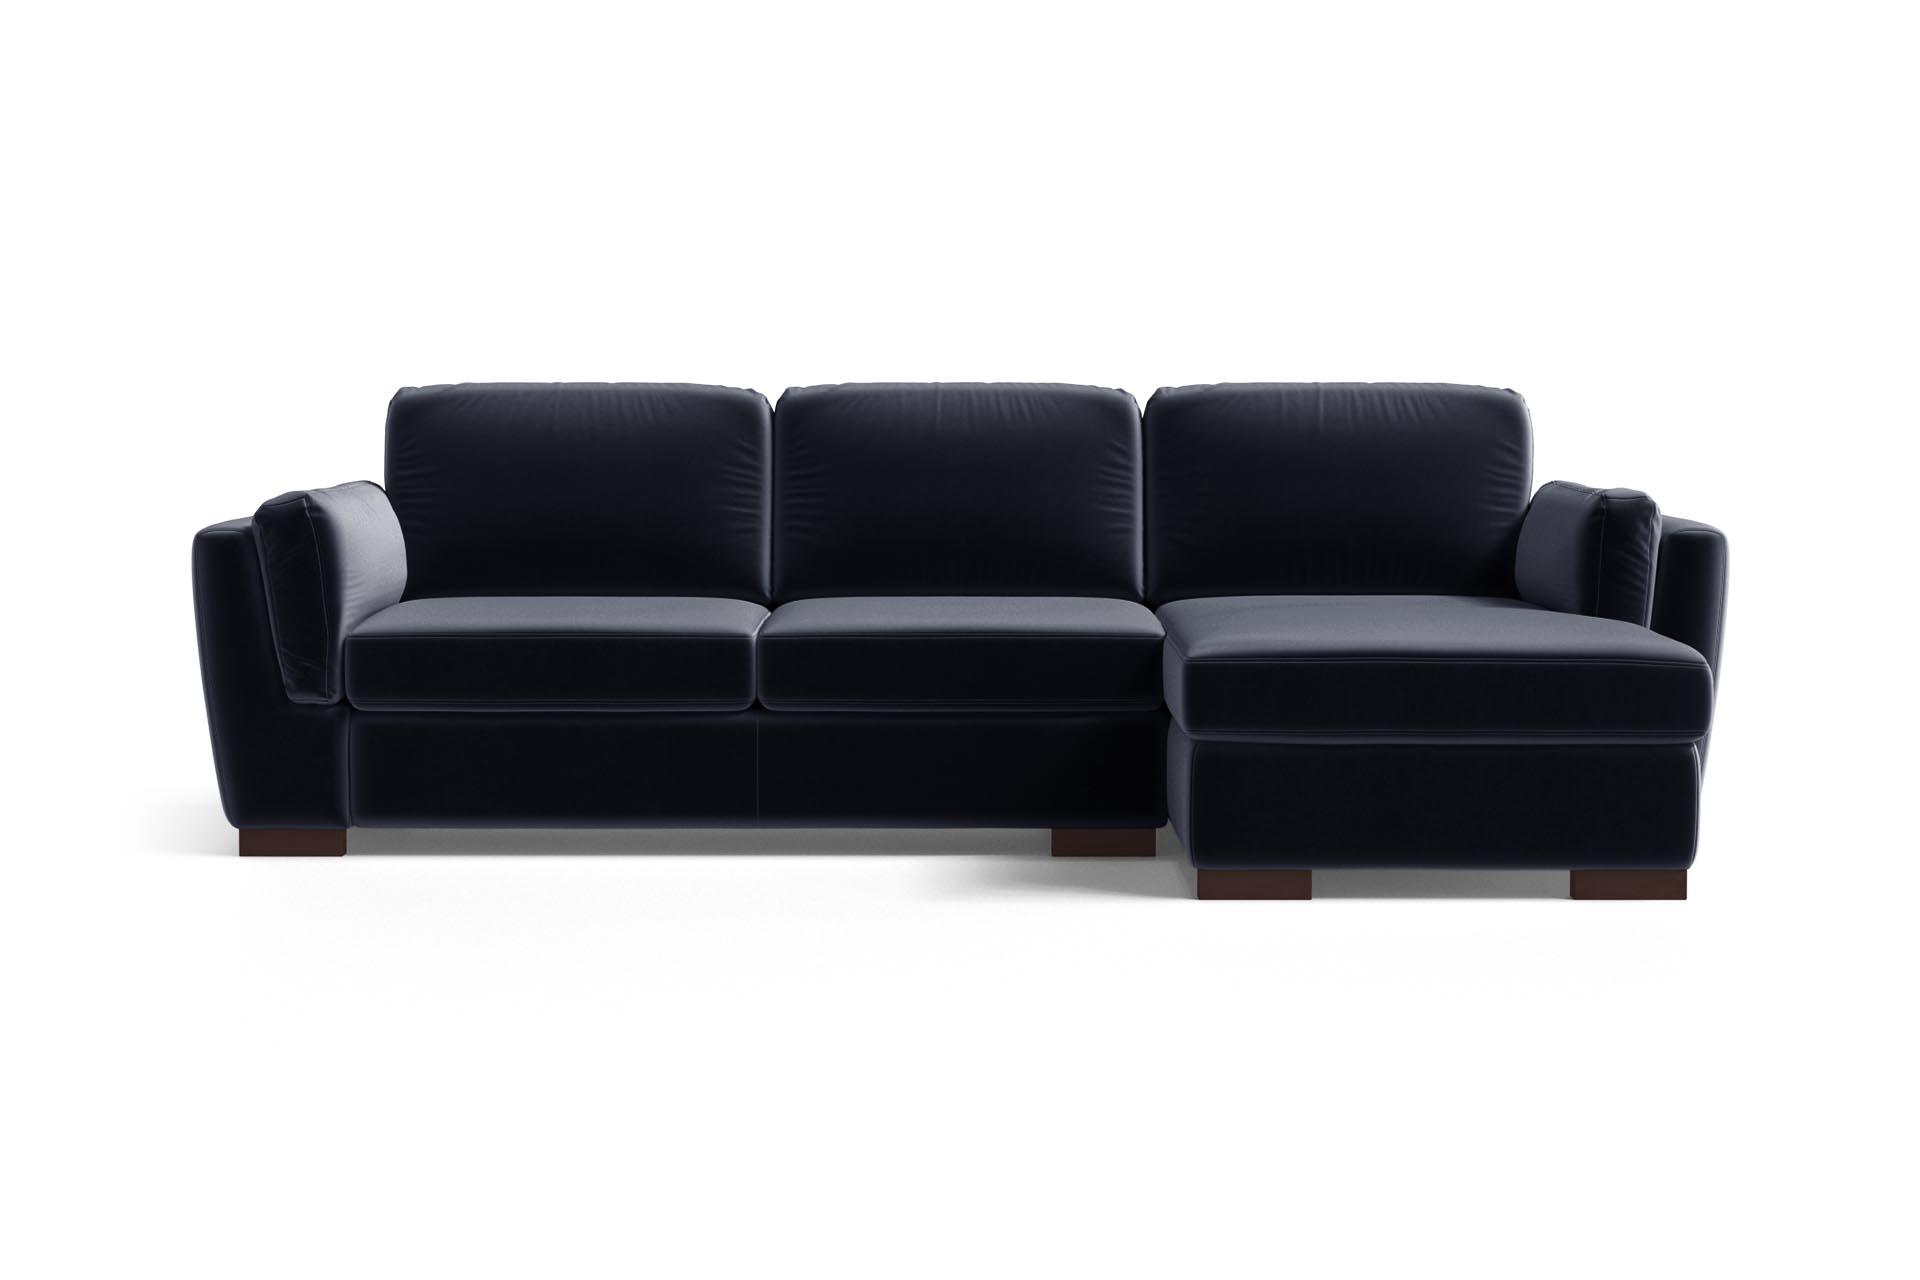 Canapé d'angle droit 4 places en velours bleu marine